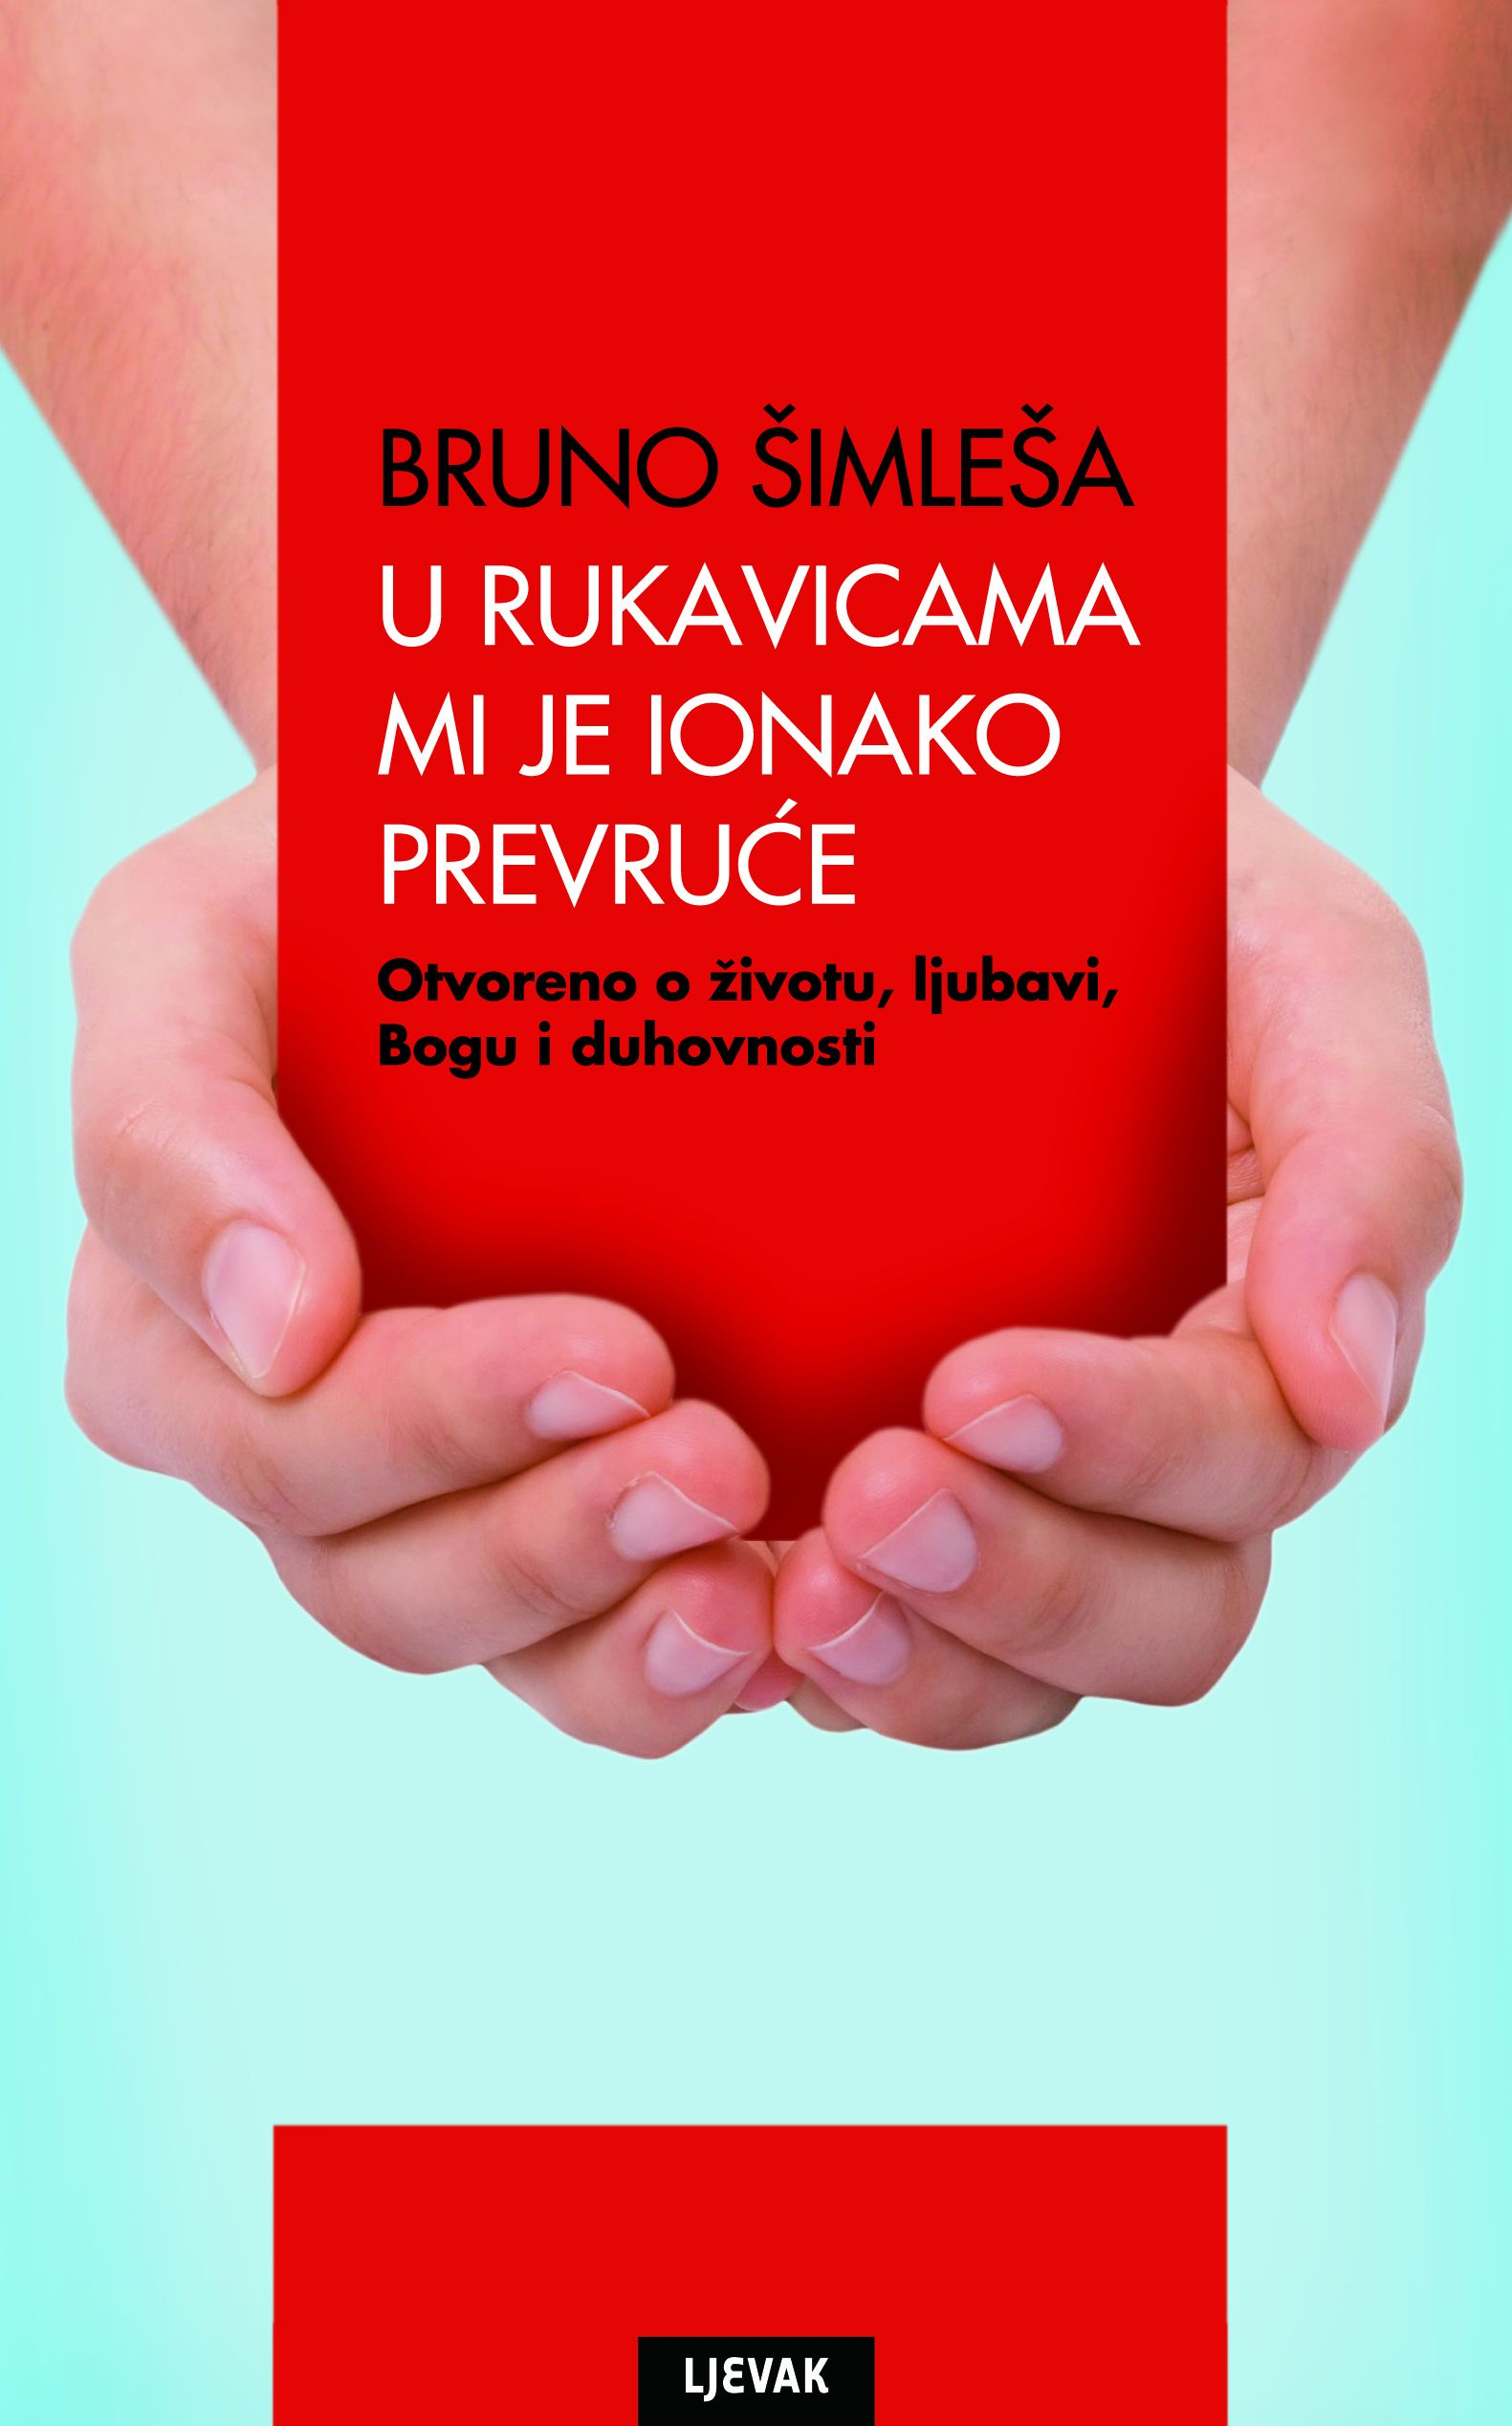 http://www.novigrad.hr/promocija_knjige_u_rukavicama_mi_je_ionako_prevrue_bruno_shimlesha